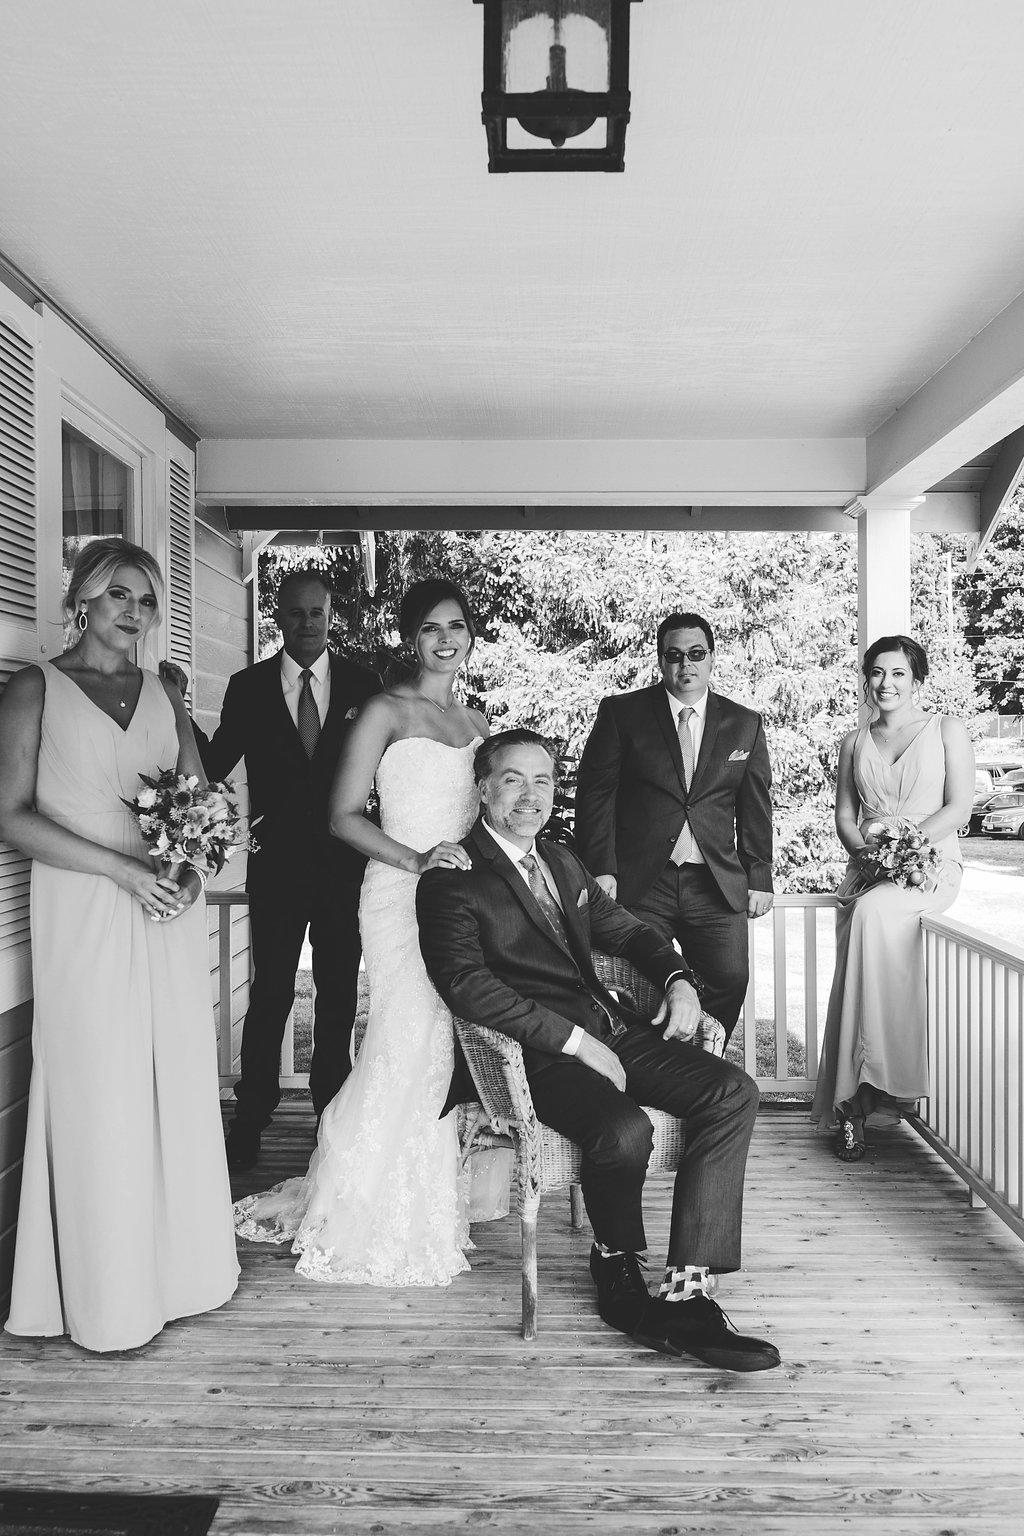 Erin+Tyson_The_Kelley_Farm_Wedding_by_Adina_Preston_Weddings_486.JPG